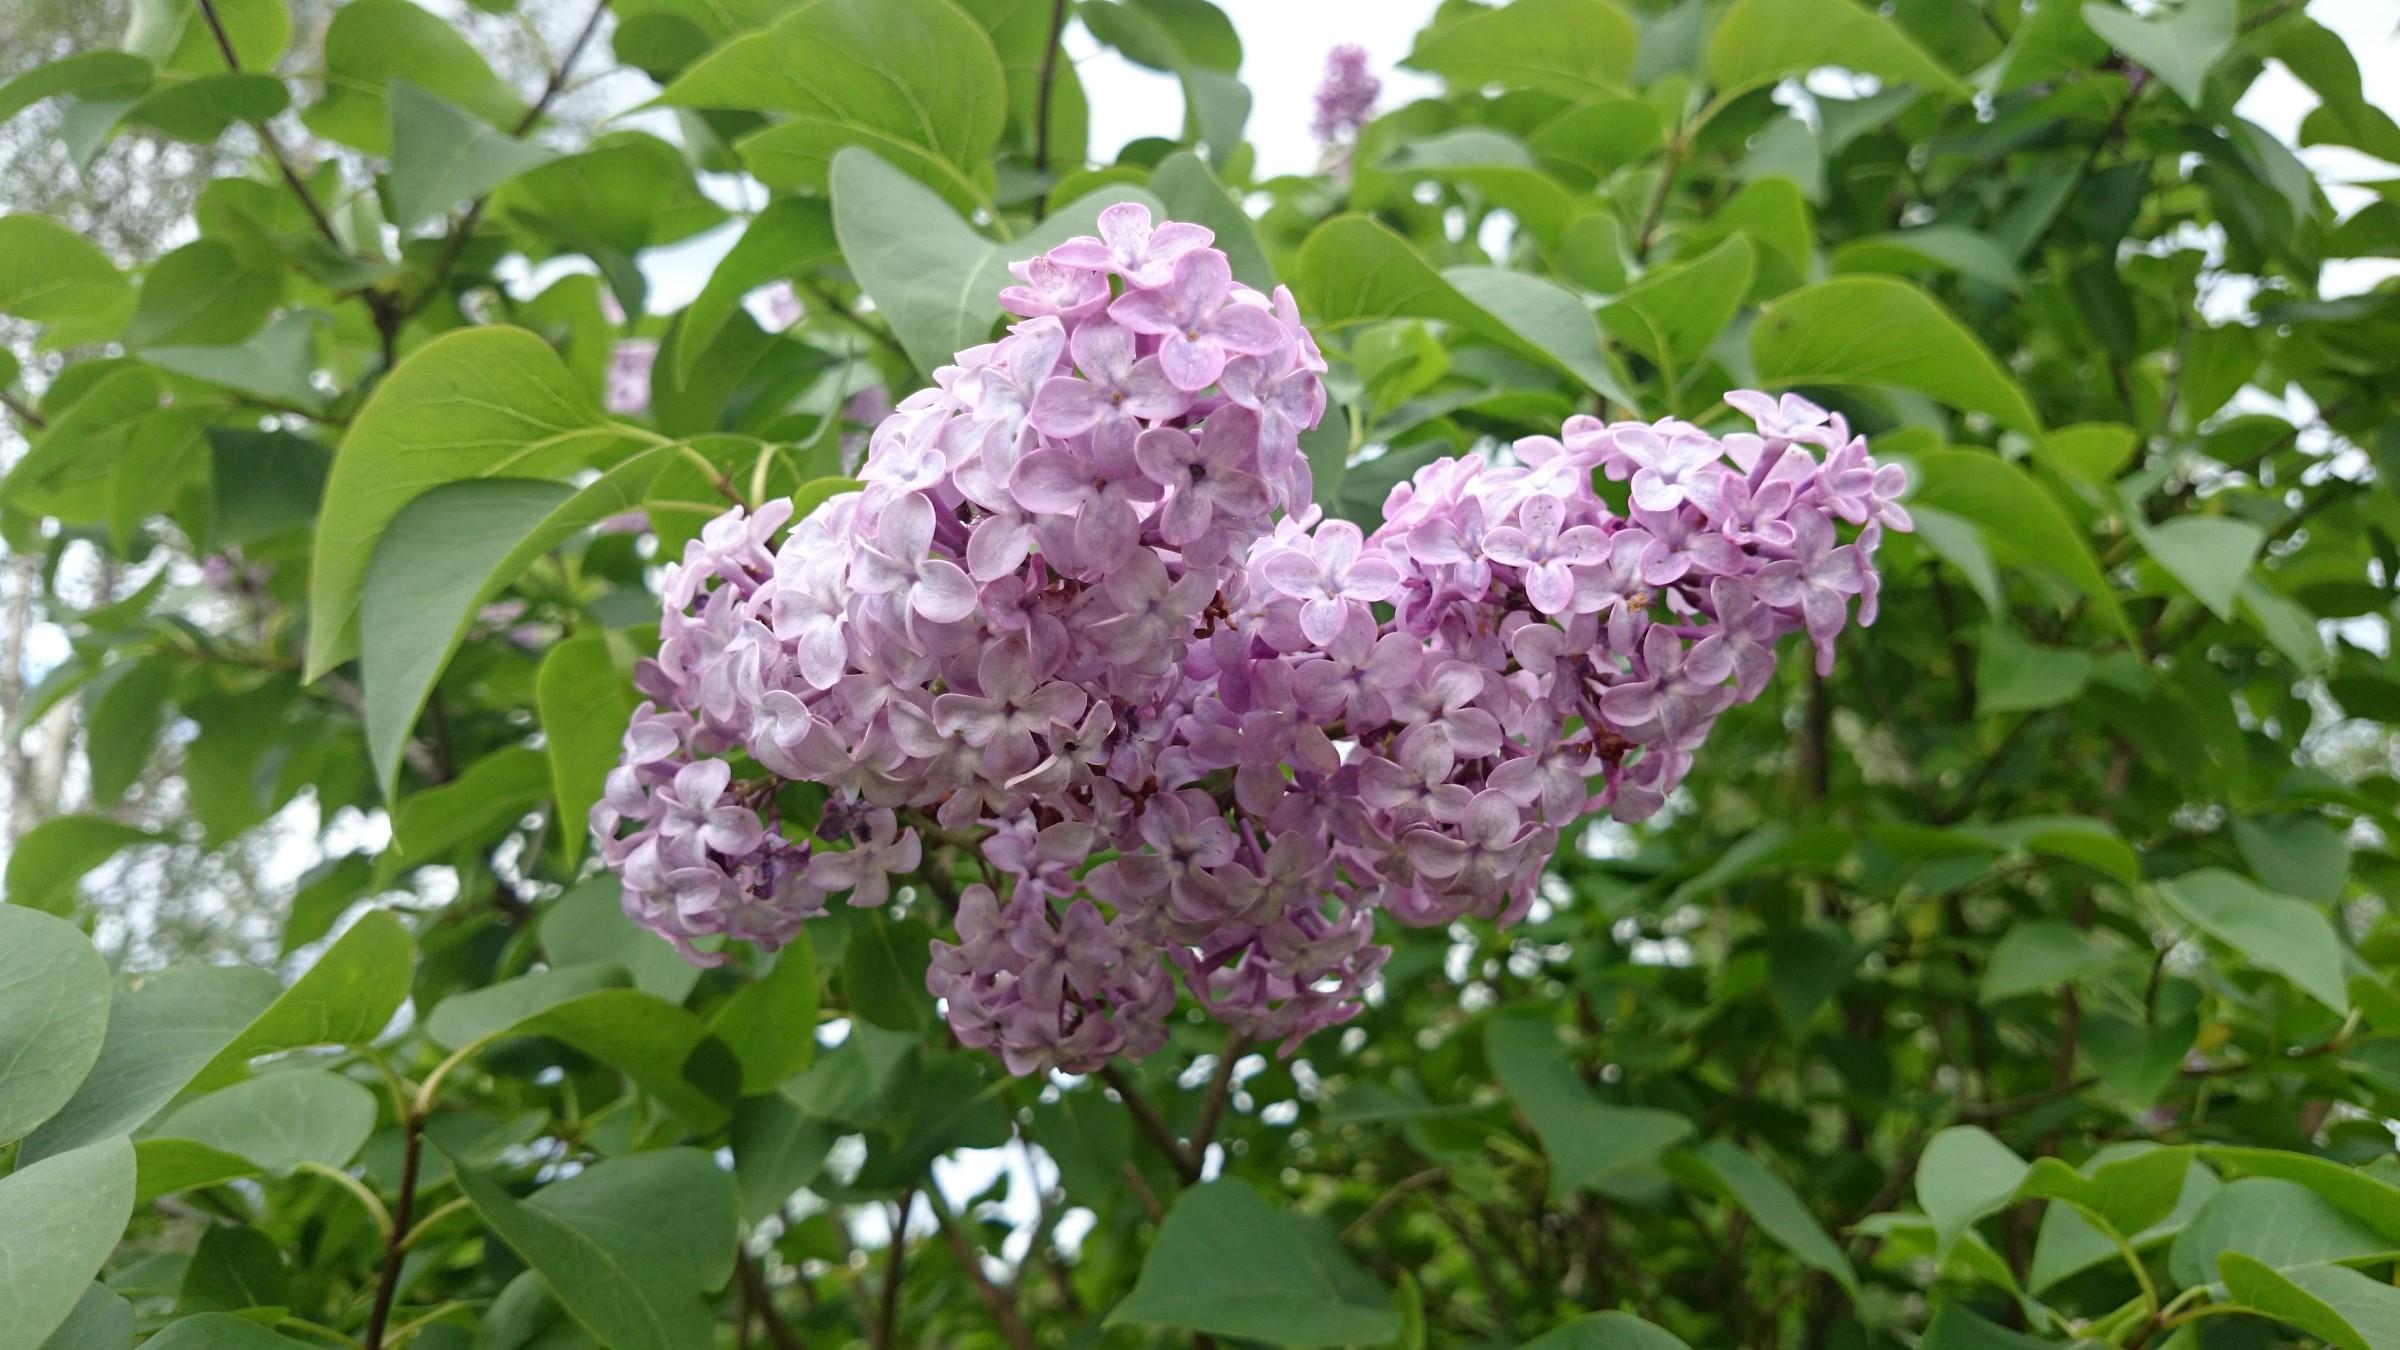 Syrinbusk med hjerteformede blader, fiolette blomster